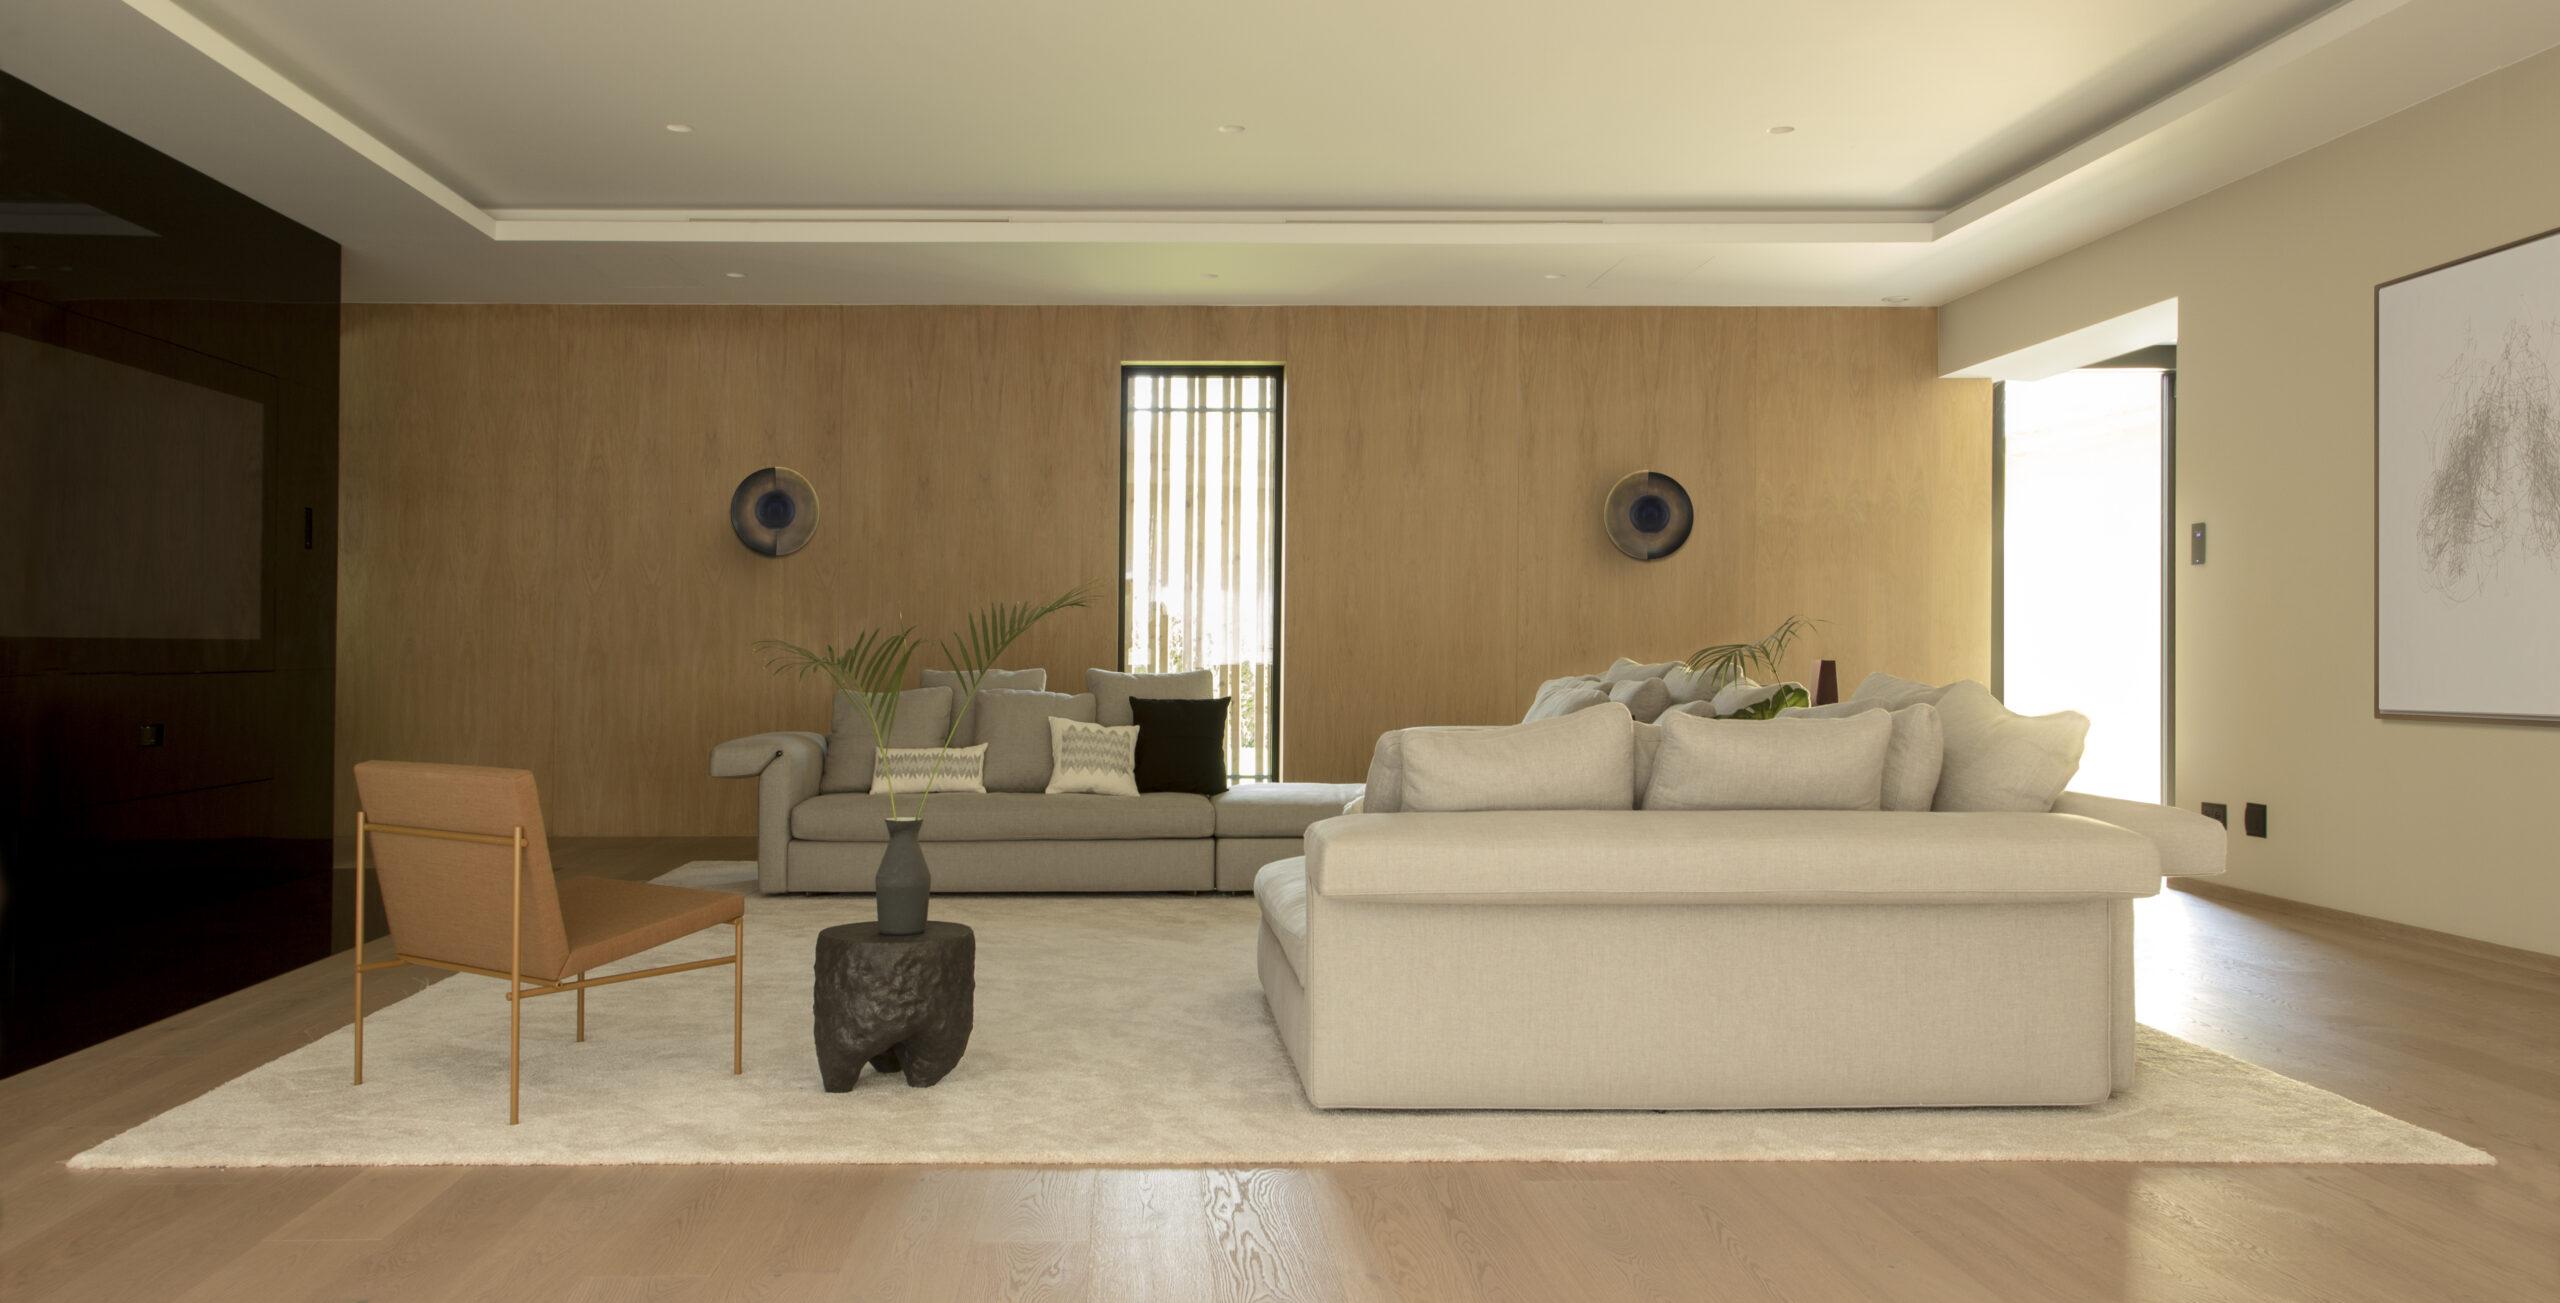 styl minimalistyczny we wnętrzu